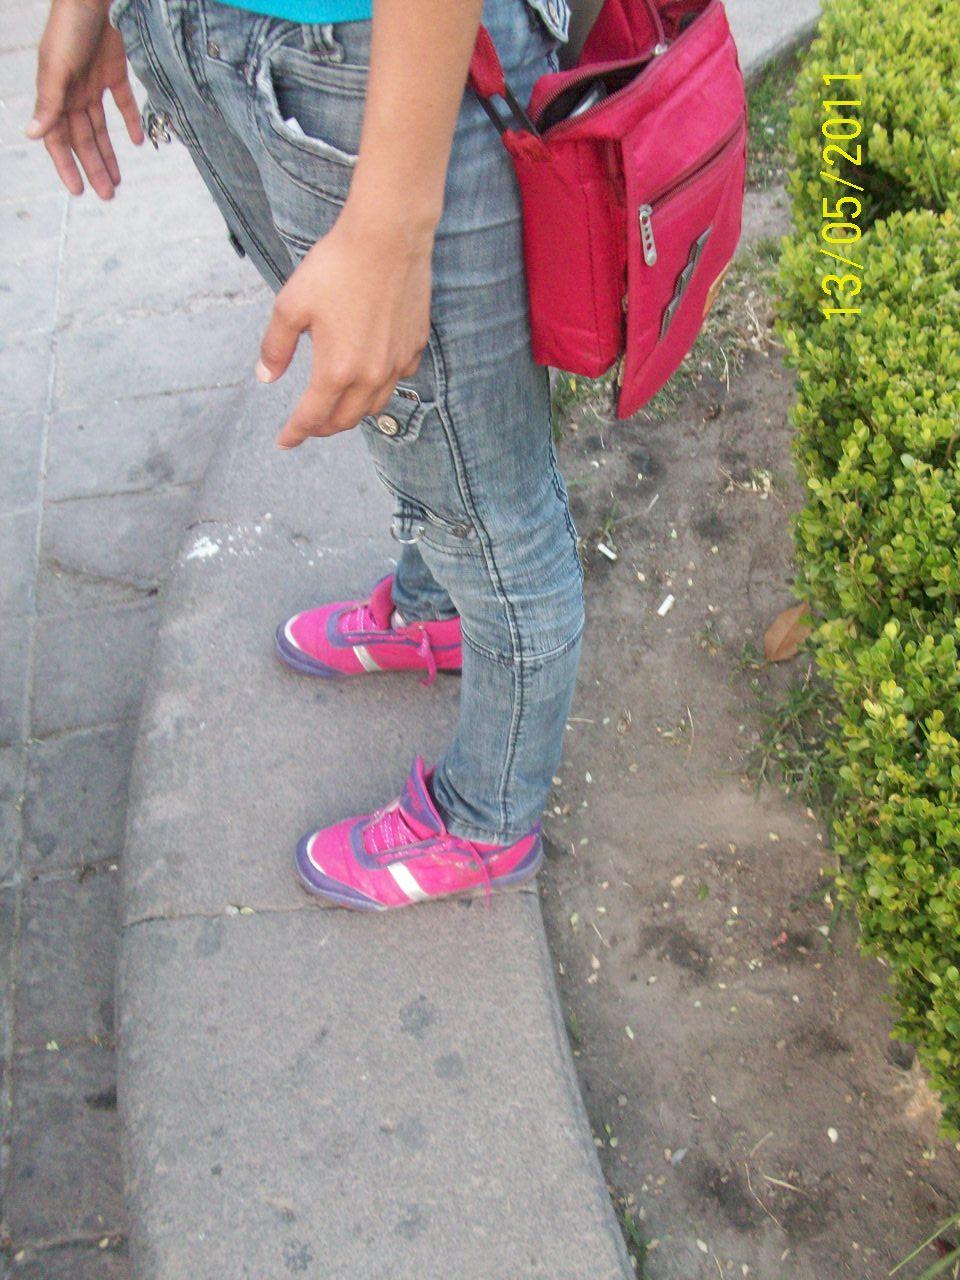 zapatos tenis san lusi potosí Eqiiz sesiones tomas fotografía